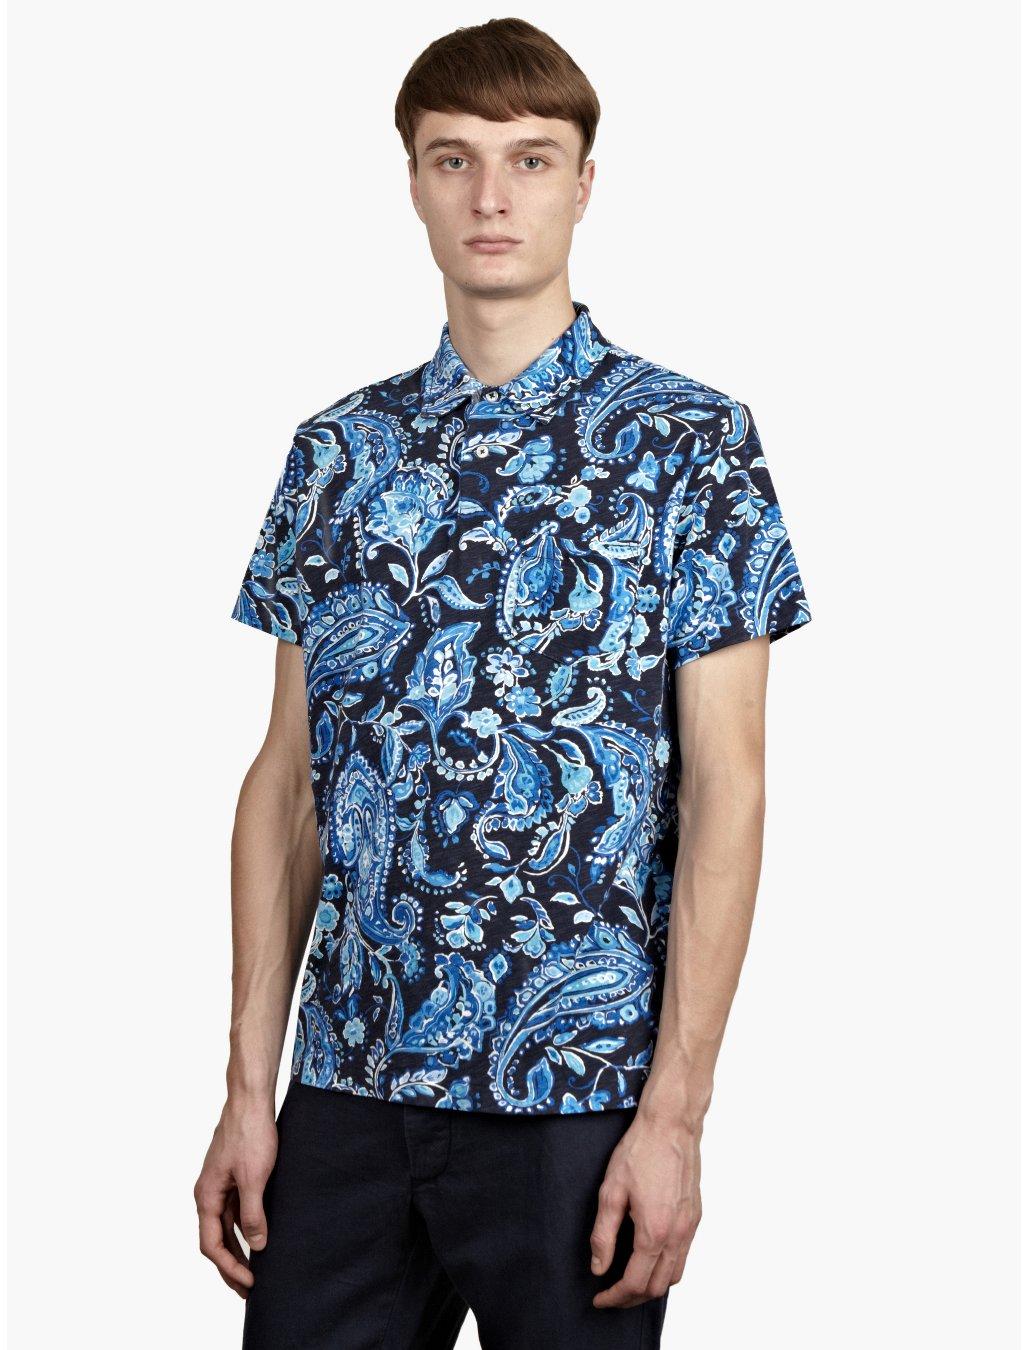 2013 New Fashion Polo Women Shirts Polo For Women S Casual ...